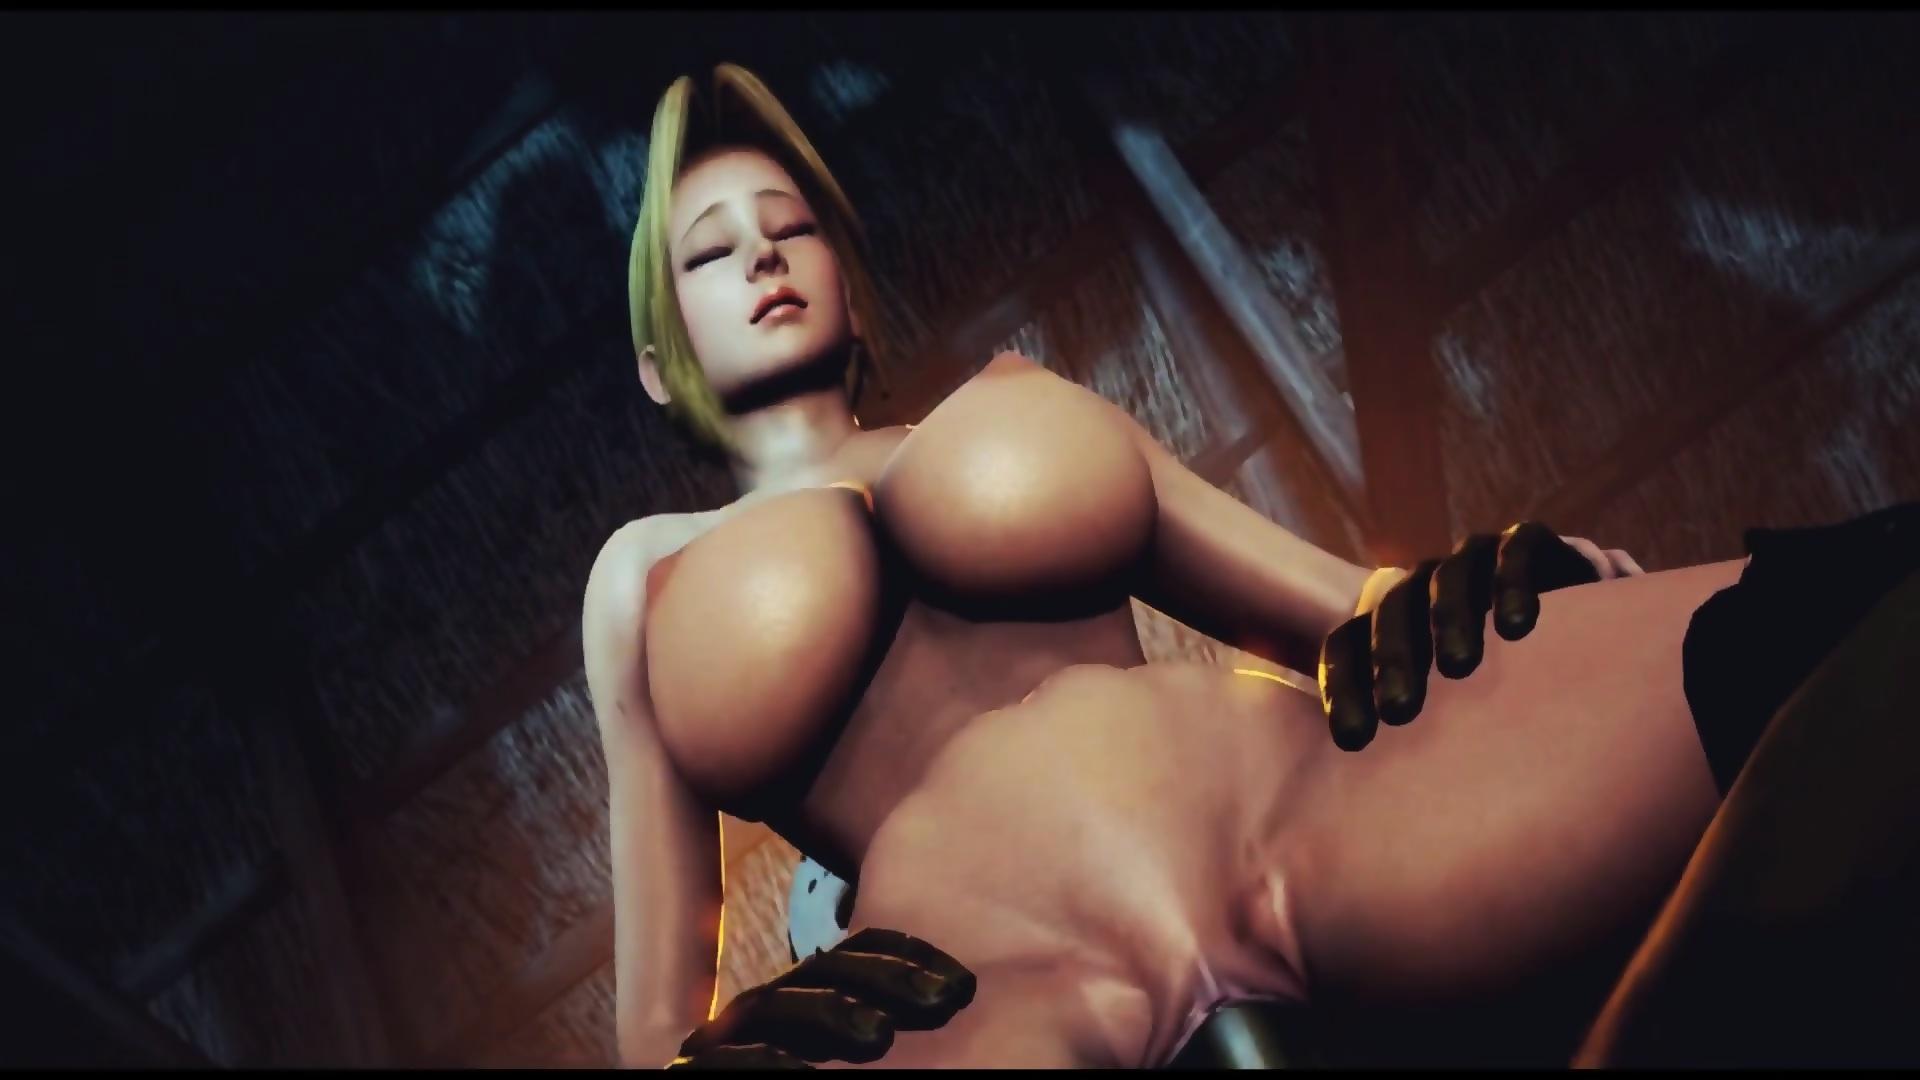 3D Monster Gangbang luminamonster gangbang (3d sex) (2)